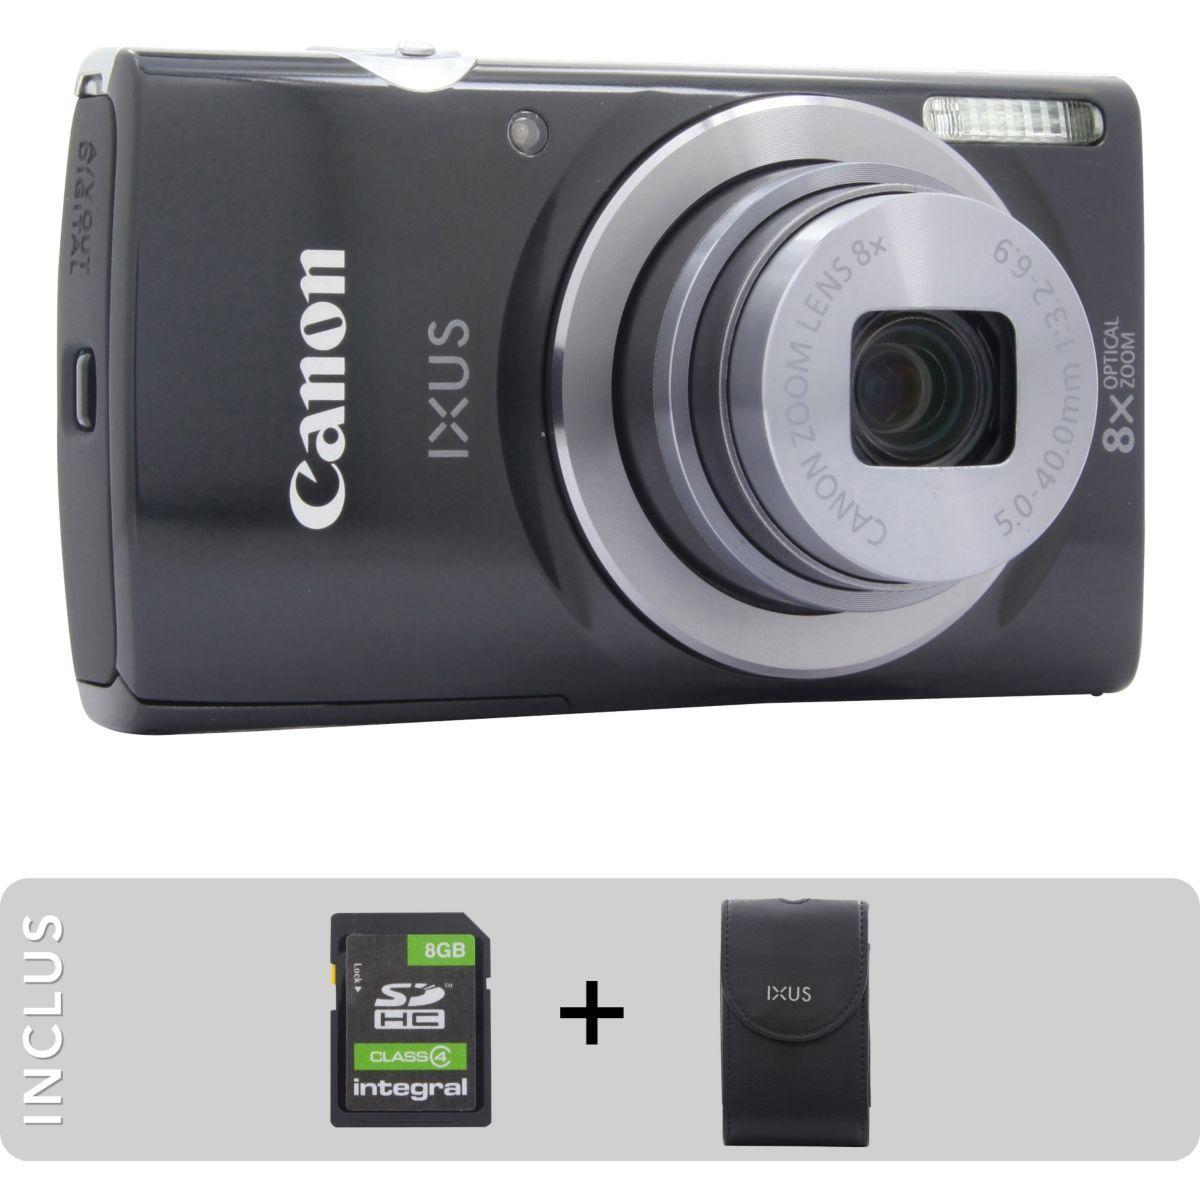 Appareil photo compact canon pack ixus 162 + etui + sd 8go - 10% de remise immédiate avec le code : photo10 (photo)